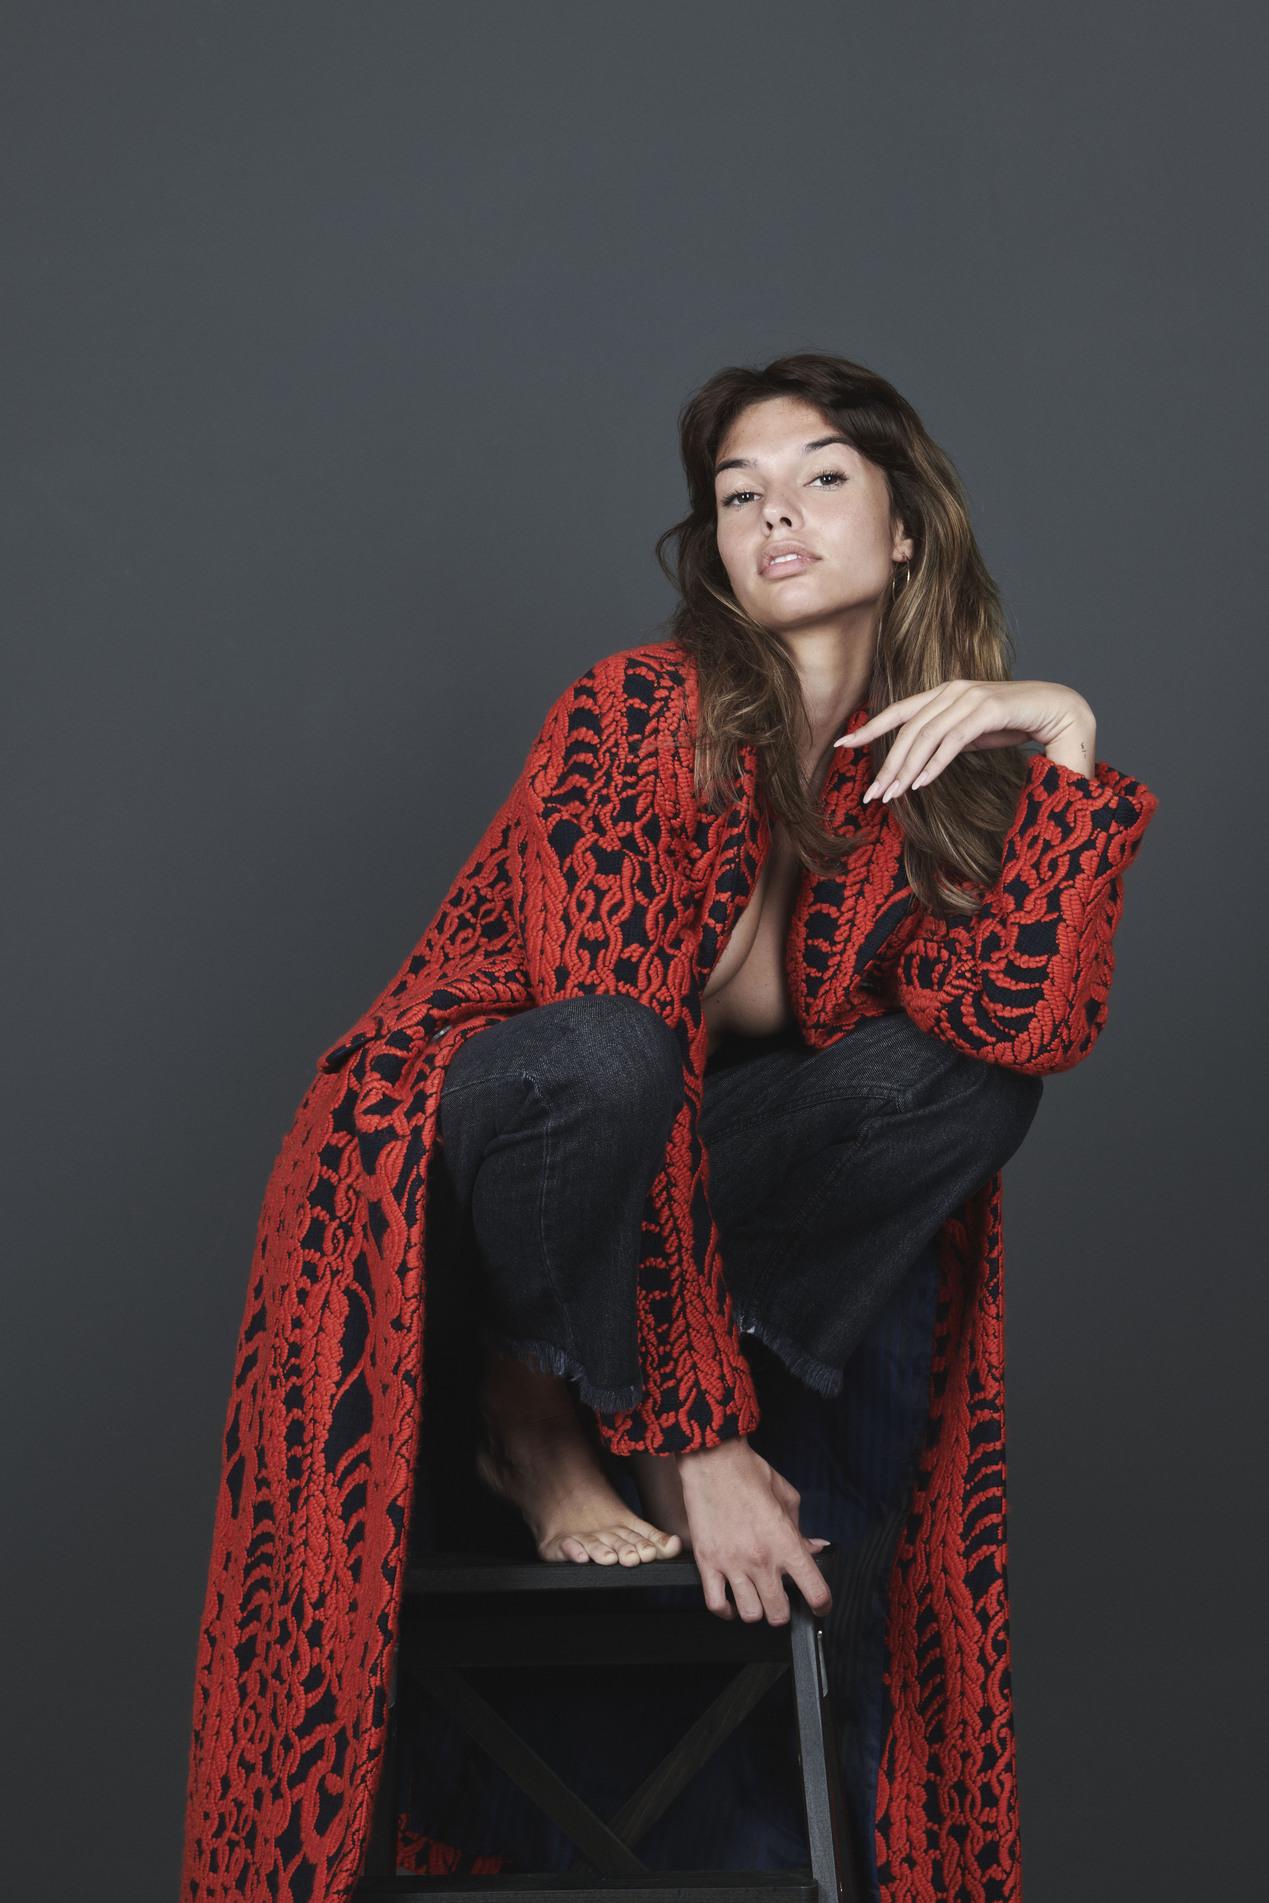 Cappotto rosso e nero damascato per lei: tessuti esclusivi ed eccellenza che riassumono l'idea di moda di Understatement Milano e Massimo Piombo